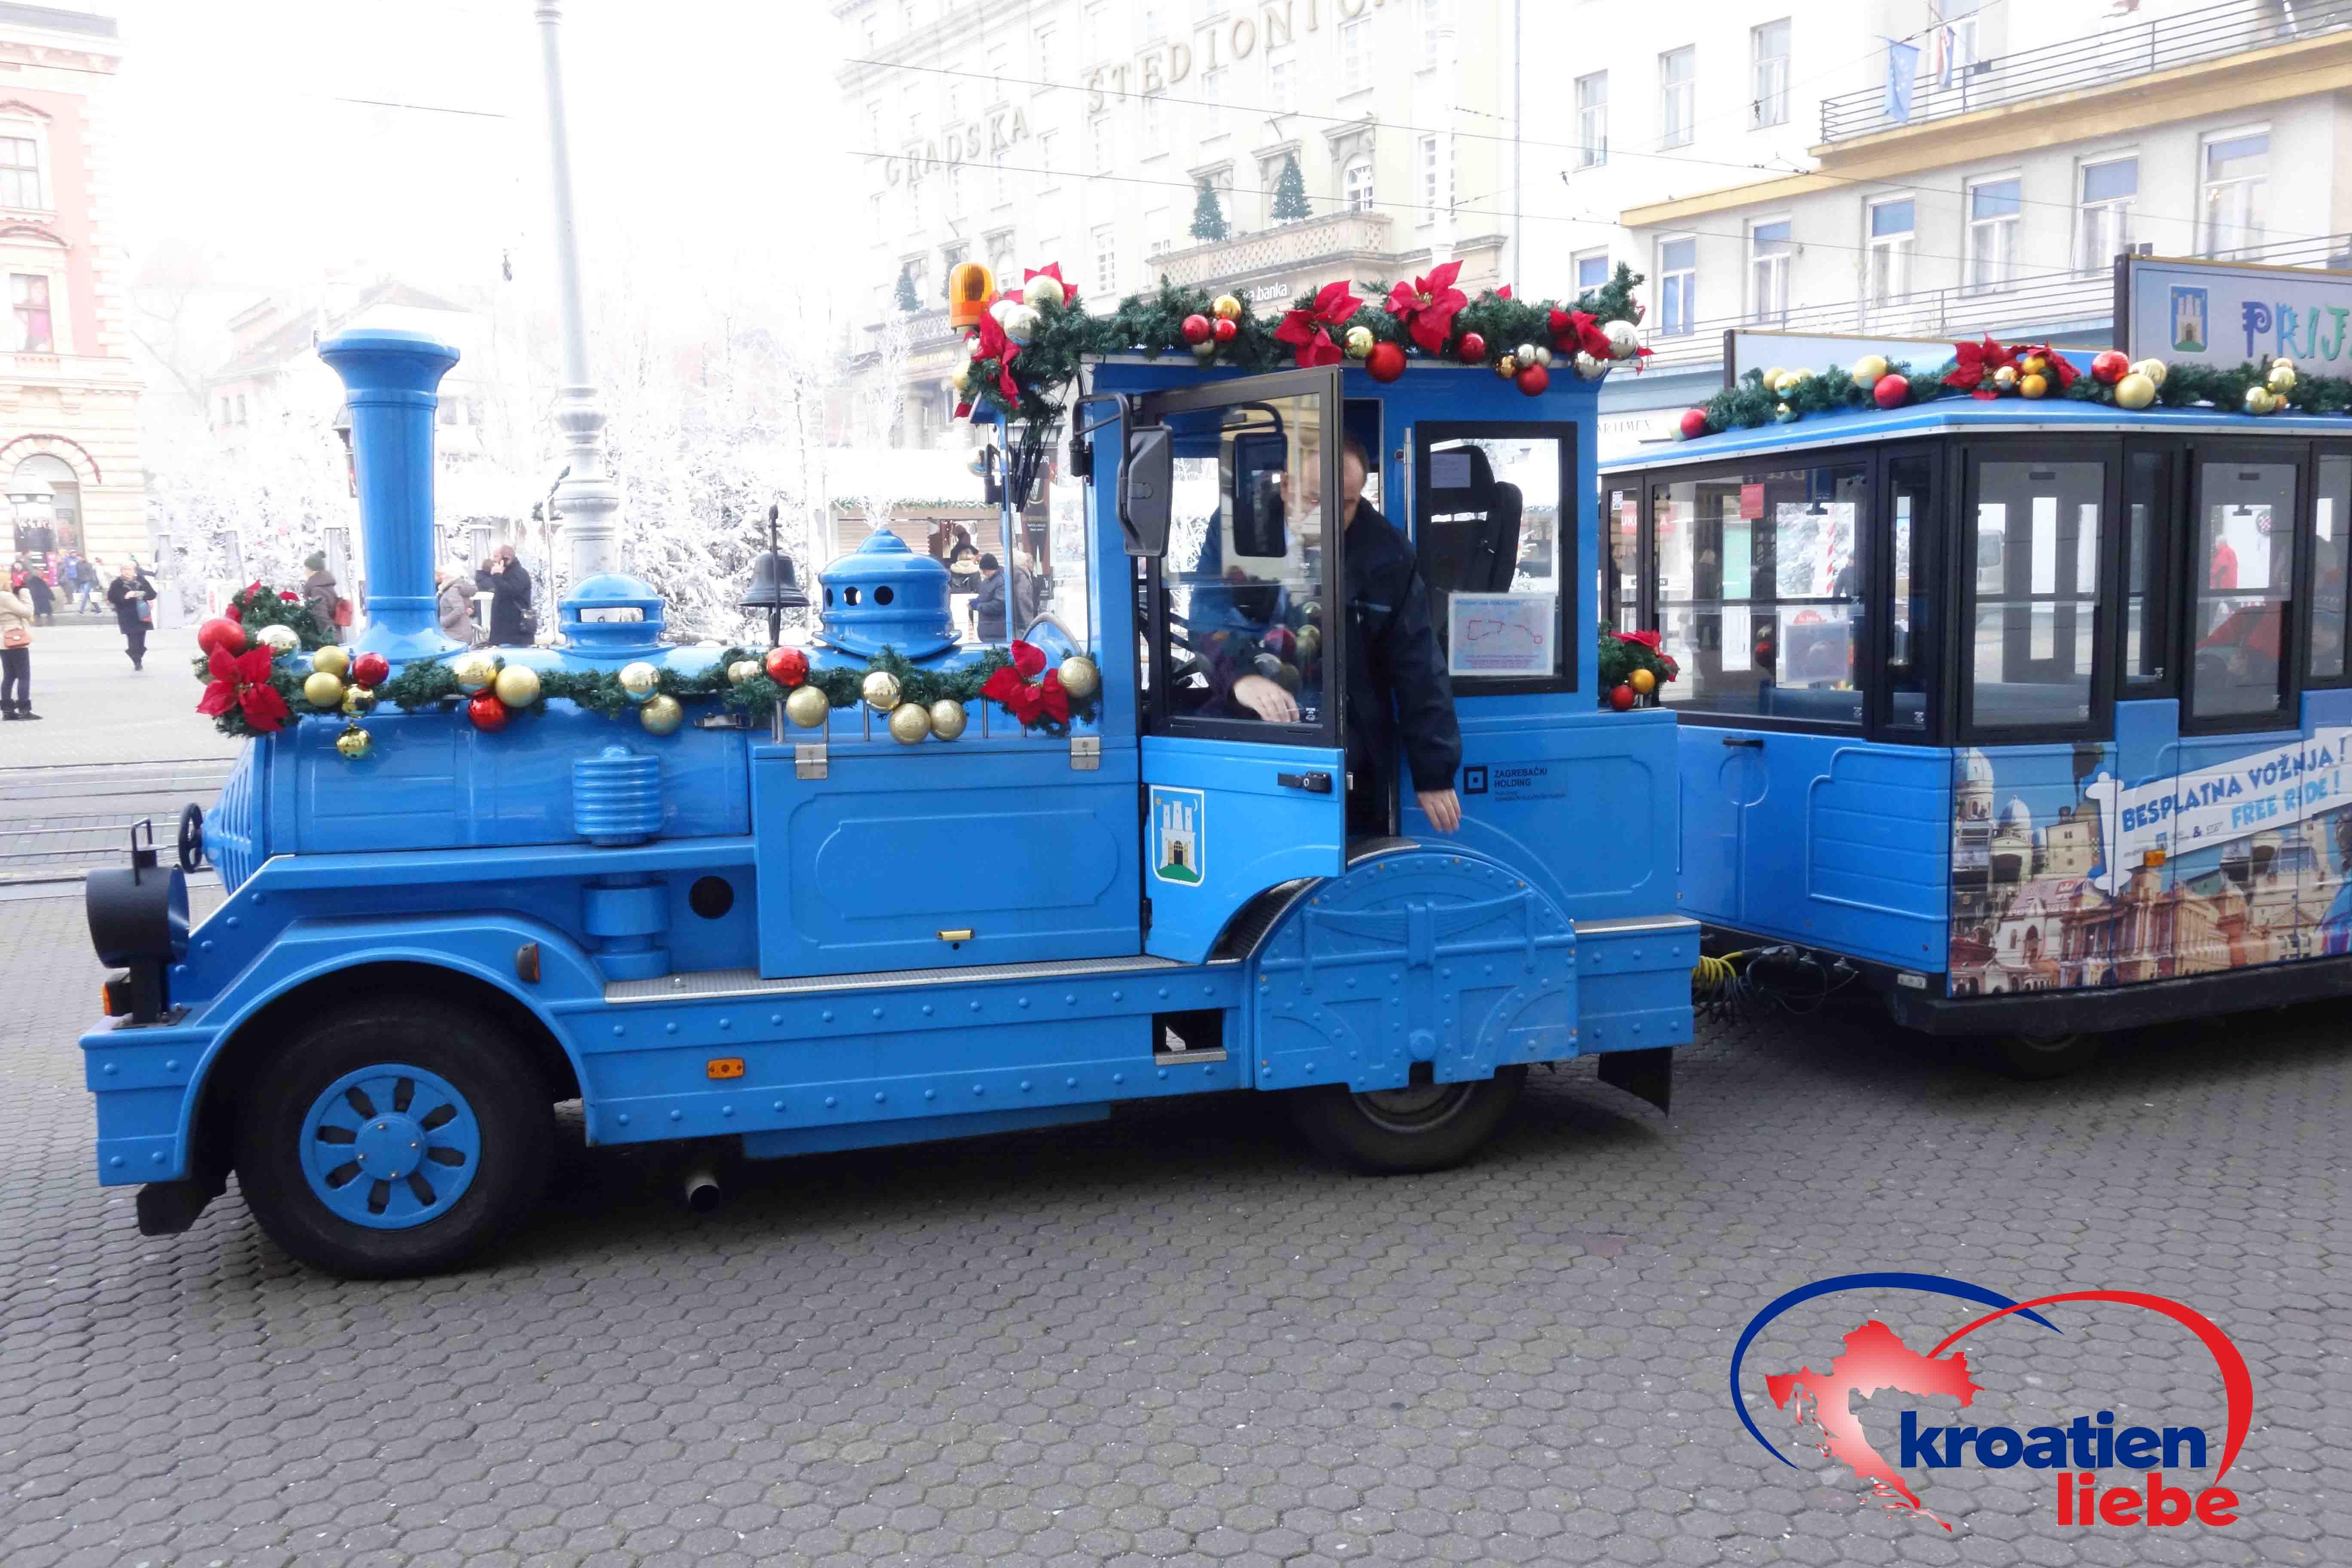 Weihnachtliche Bimmelbahn In Zagreb Kroatien Urlaub Urlaub Buchen Zagreb